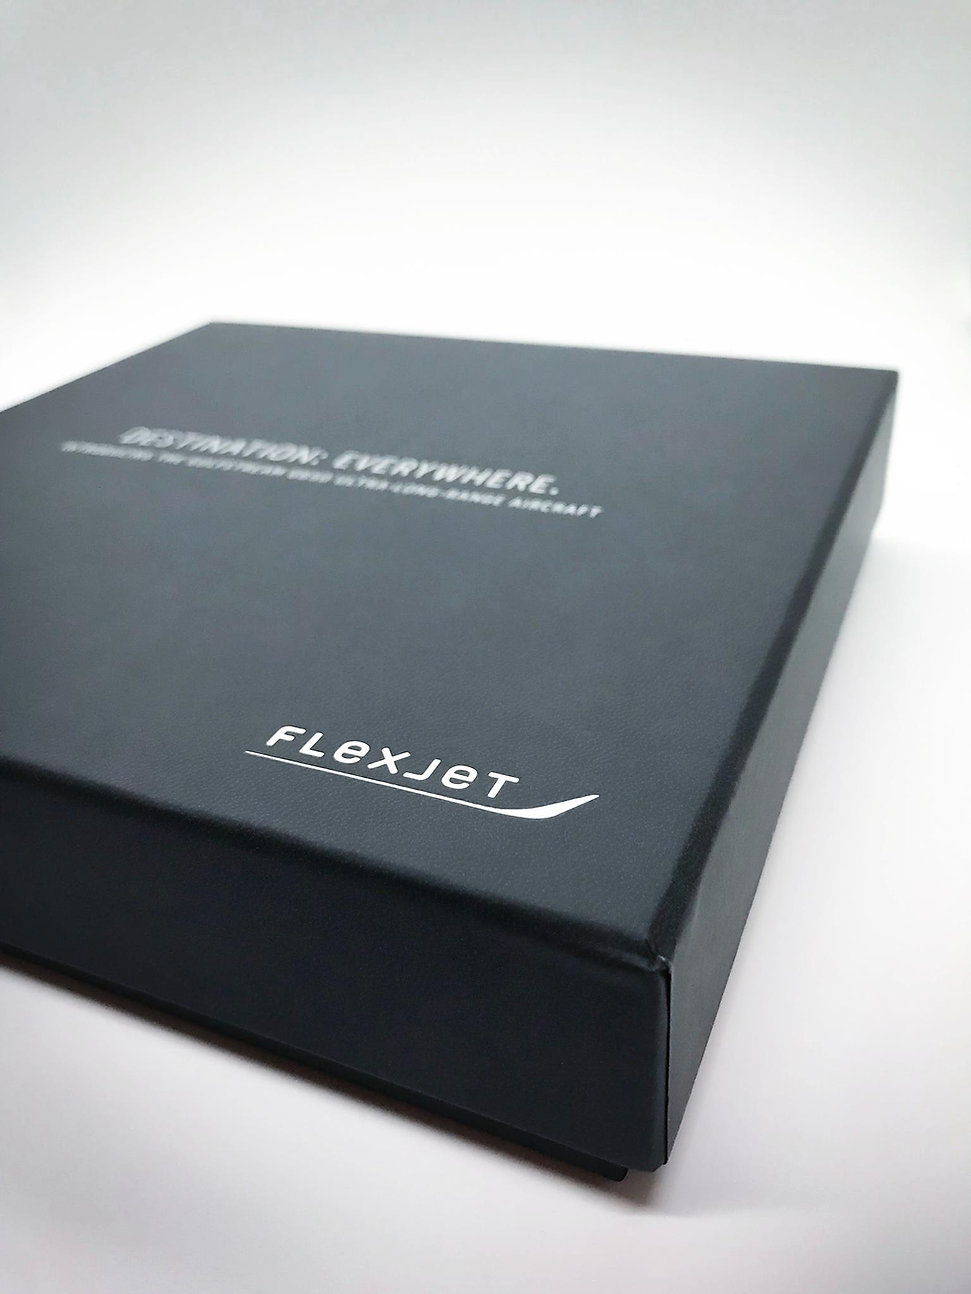 FLEXJET_CLOSEUP BOX.jpg